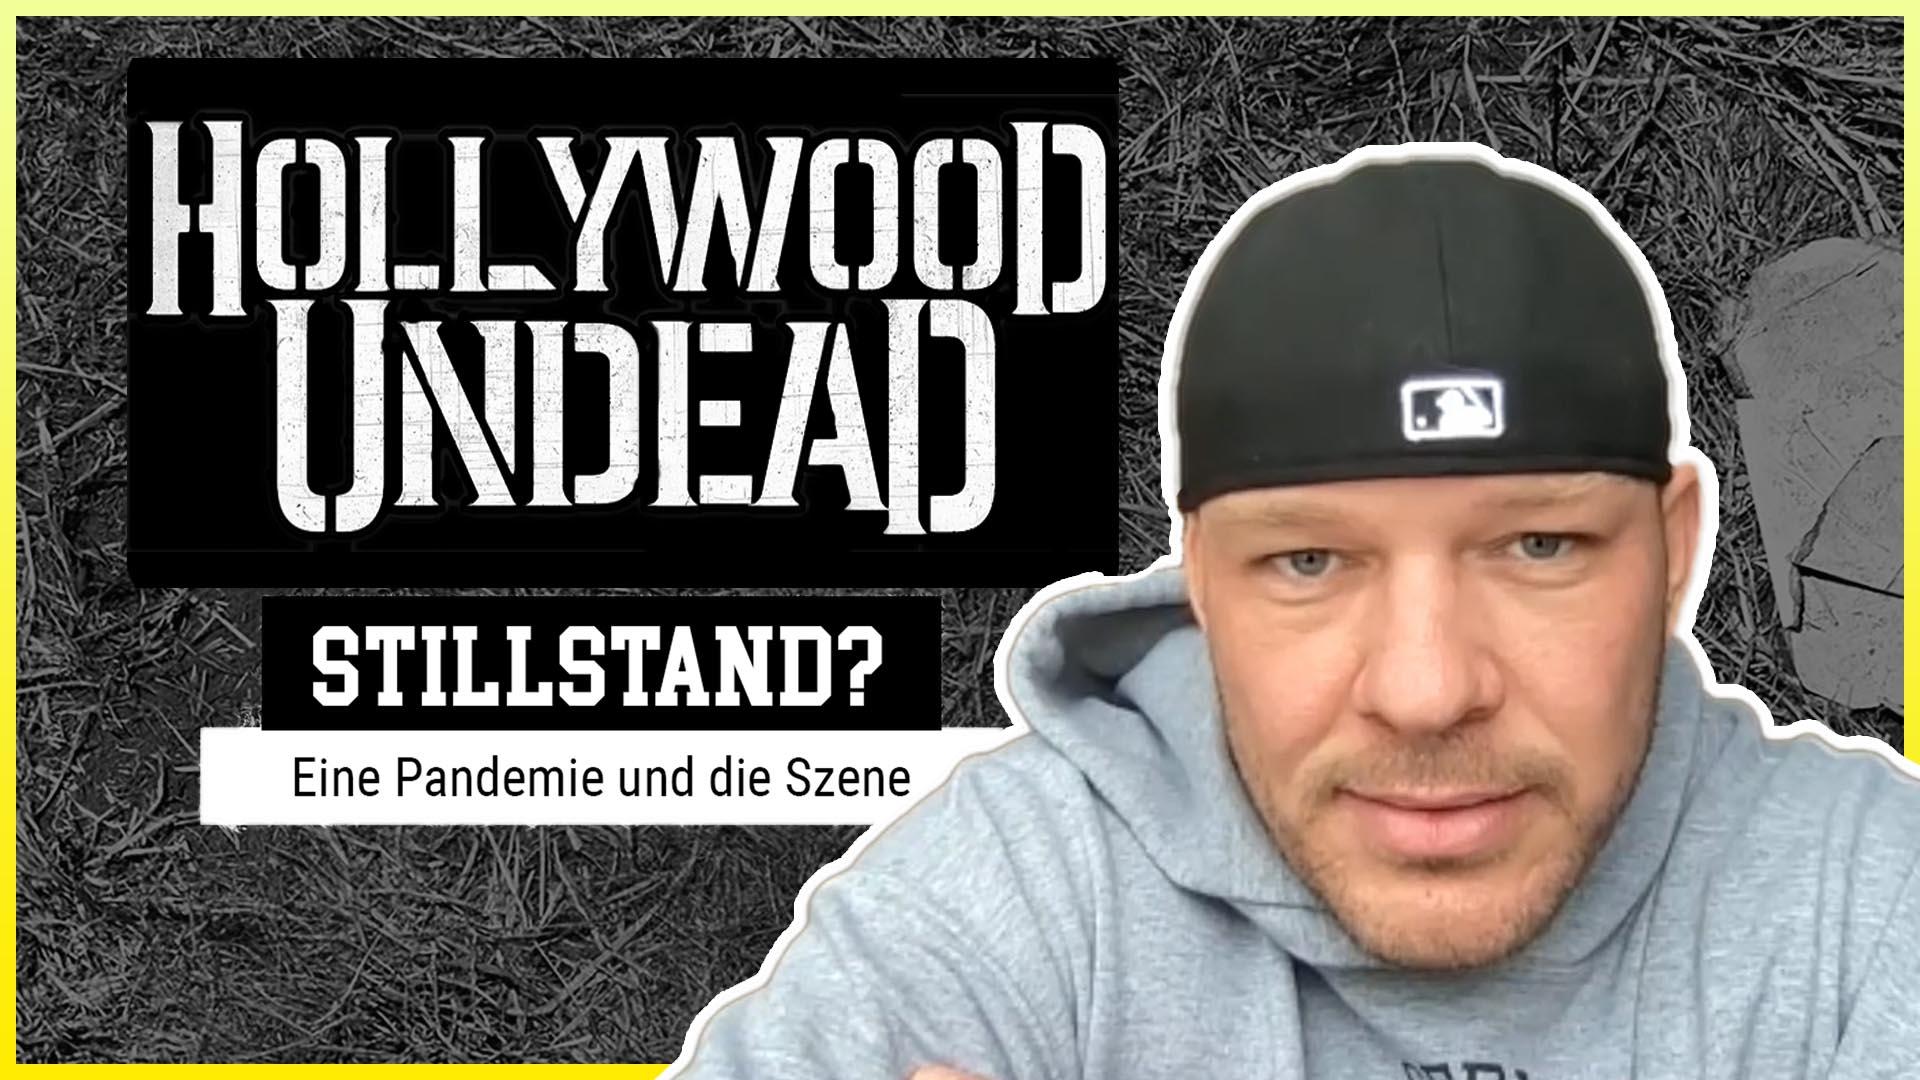 Hollywood Undead Johnny 3 Tears